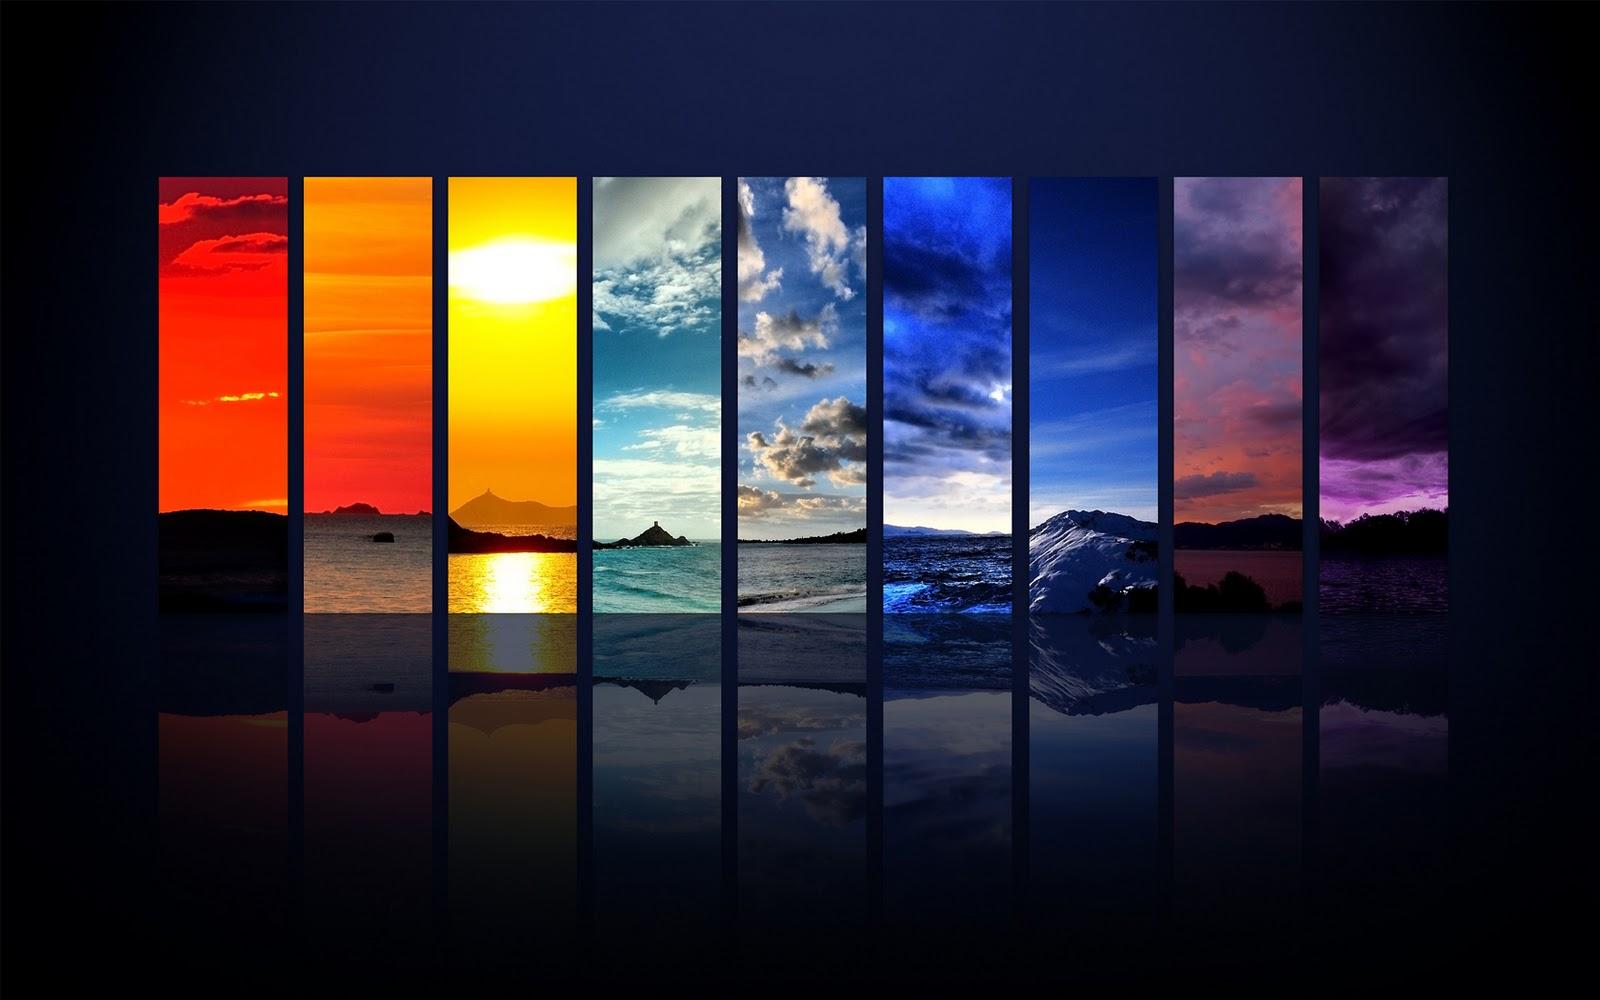 Fondos de pantalla y temas visuales para tu escritorio for Fotos para fondo de pantalla de escritorio